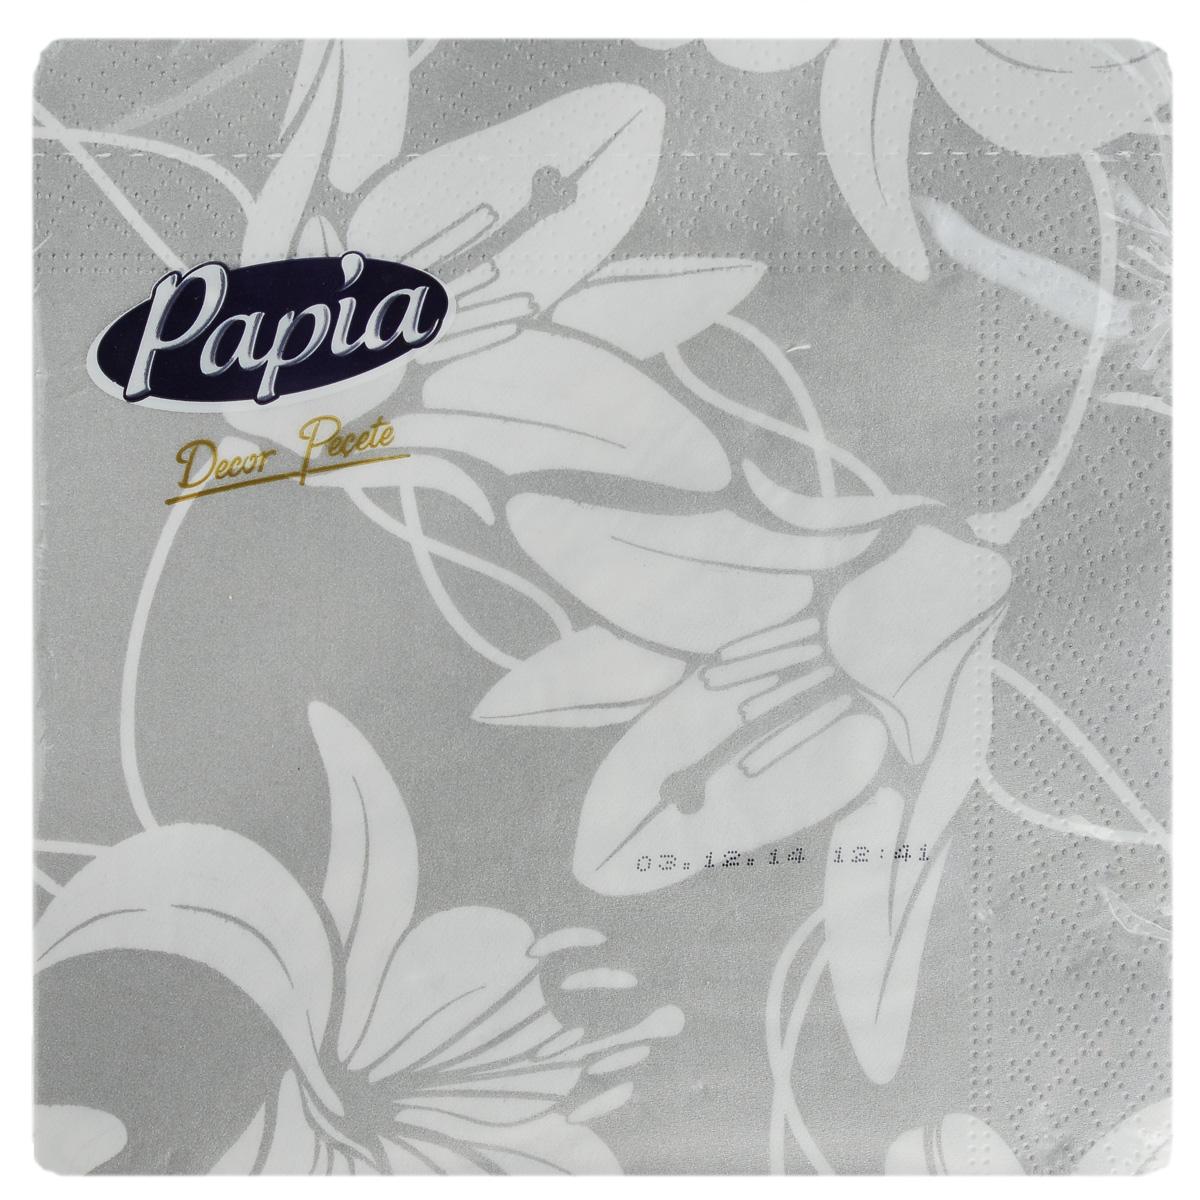 Салфетки бумажные Papia Decor, трехслойные, цвет: белый, серый, 33 x 33 см, 20 шт15302_серый/цветыТрехслойные салфетки Papia Decor, выполненные из 100% целлюлозы, оформлены красочным рисунком. Салфетки предназначены для красивой сервировки стола. Оригинальный дизайн салфеток добавит изысканности вашему столу и поднимет настроение. Размер салфеток: 33 см х 33 см.